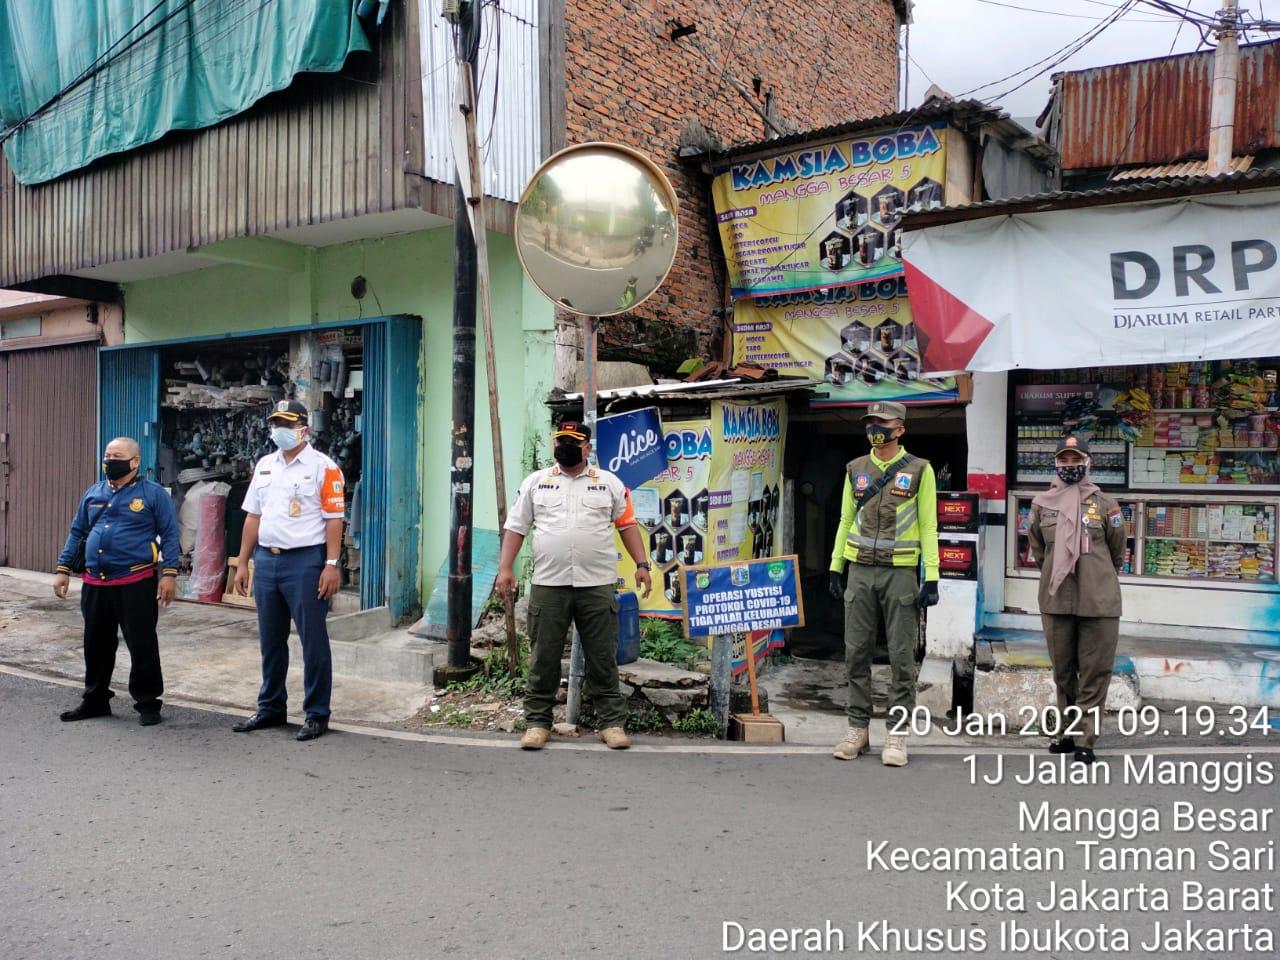 Operasi Masker dan Pendataan terhadap Perusahaan Dilakukan Satpol PP Mangga Besar.